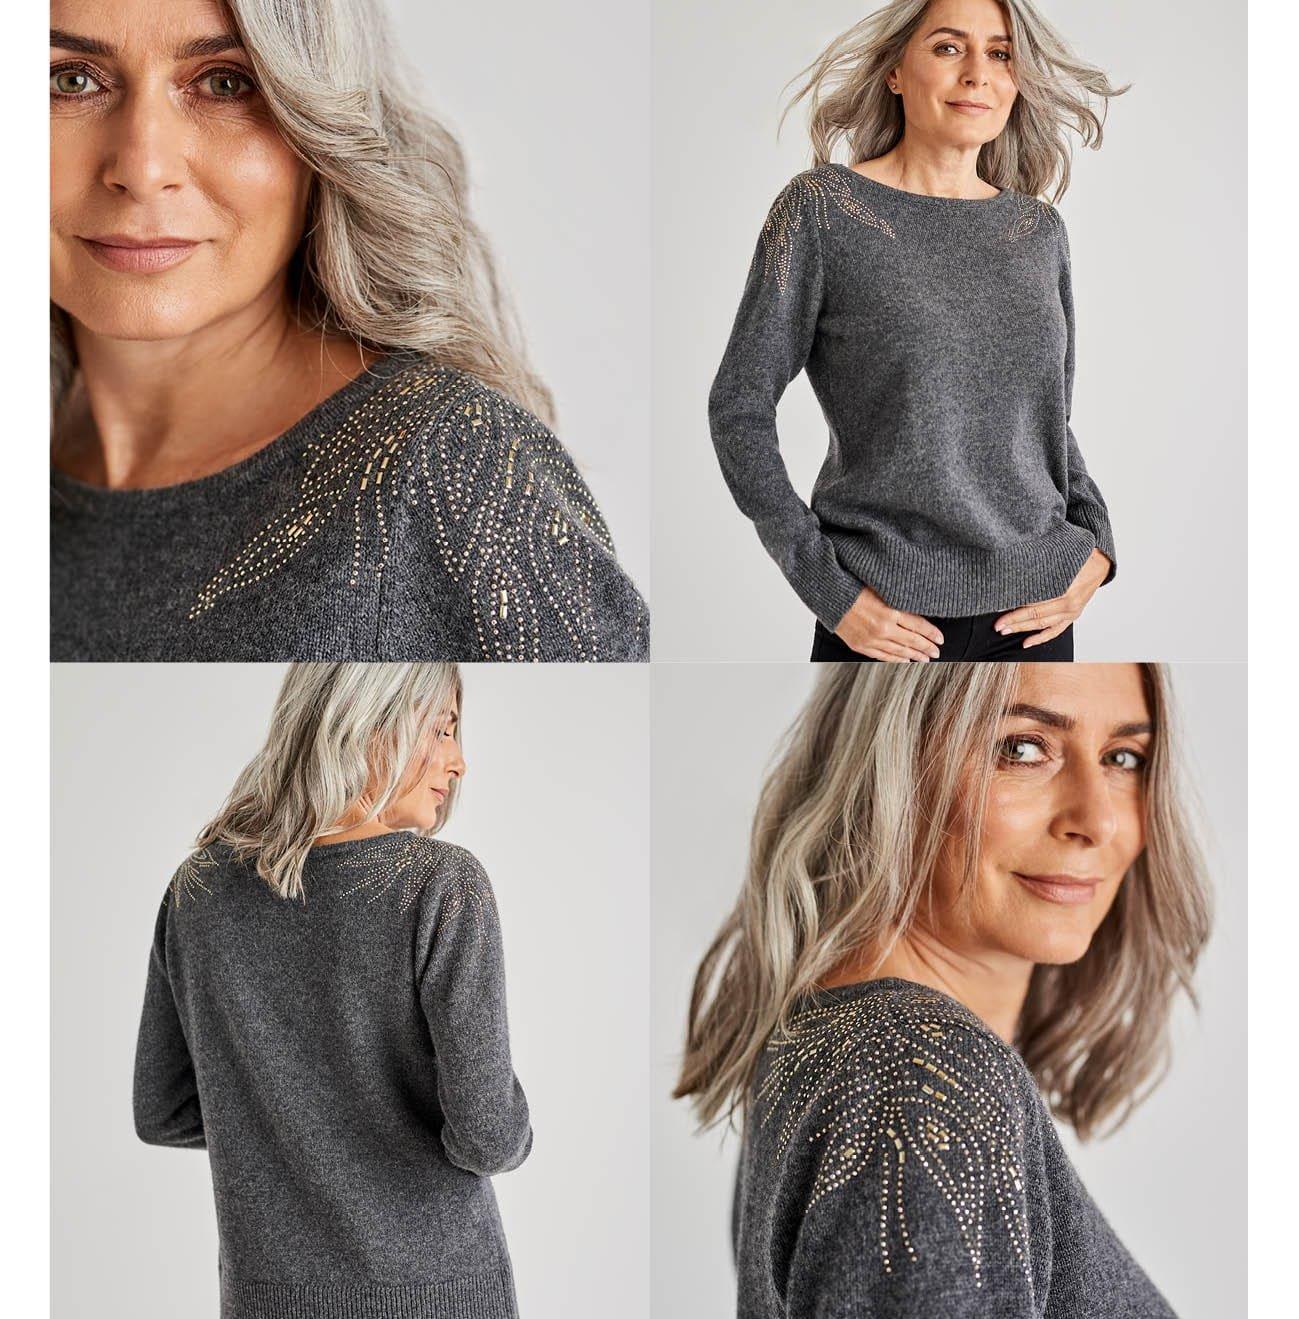 Pullover mit Bugle Bead Schulterdetail aus Merinowolle für Damen in Dunkel Anthrazit